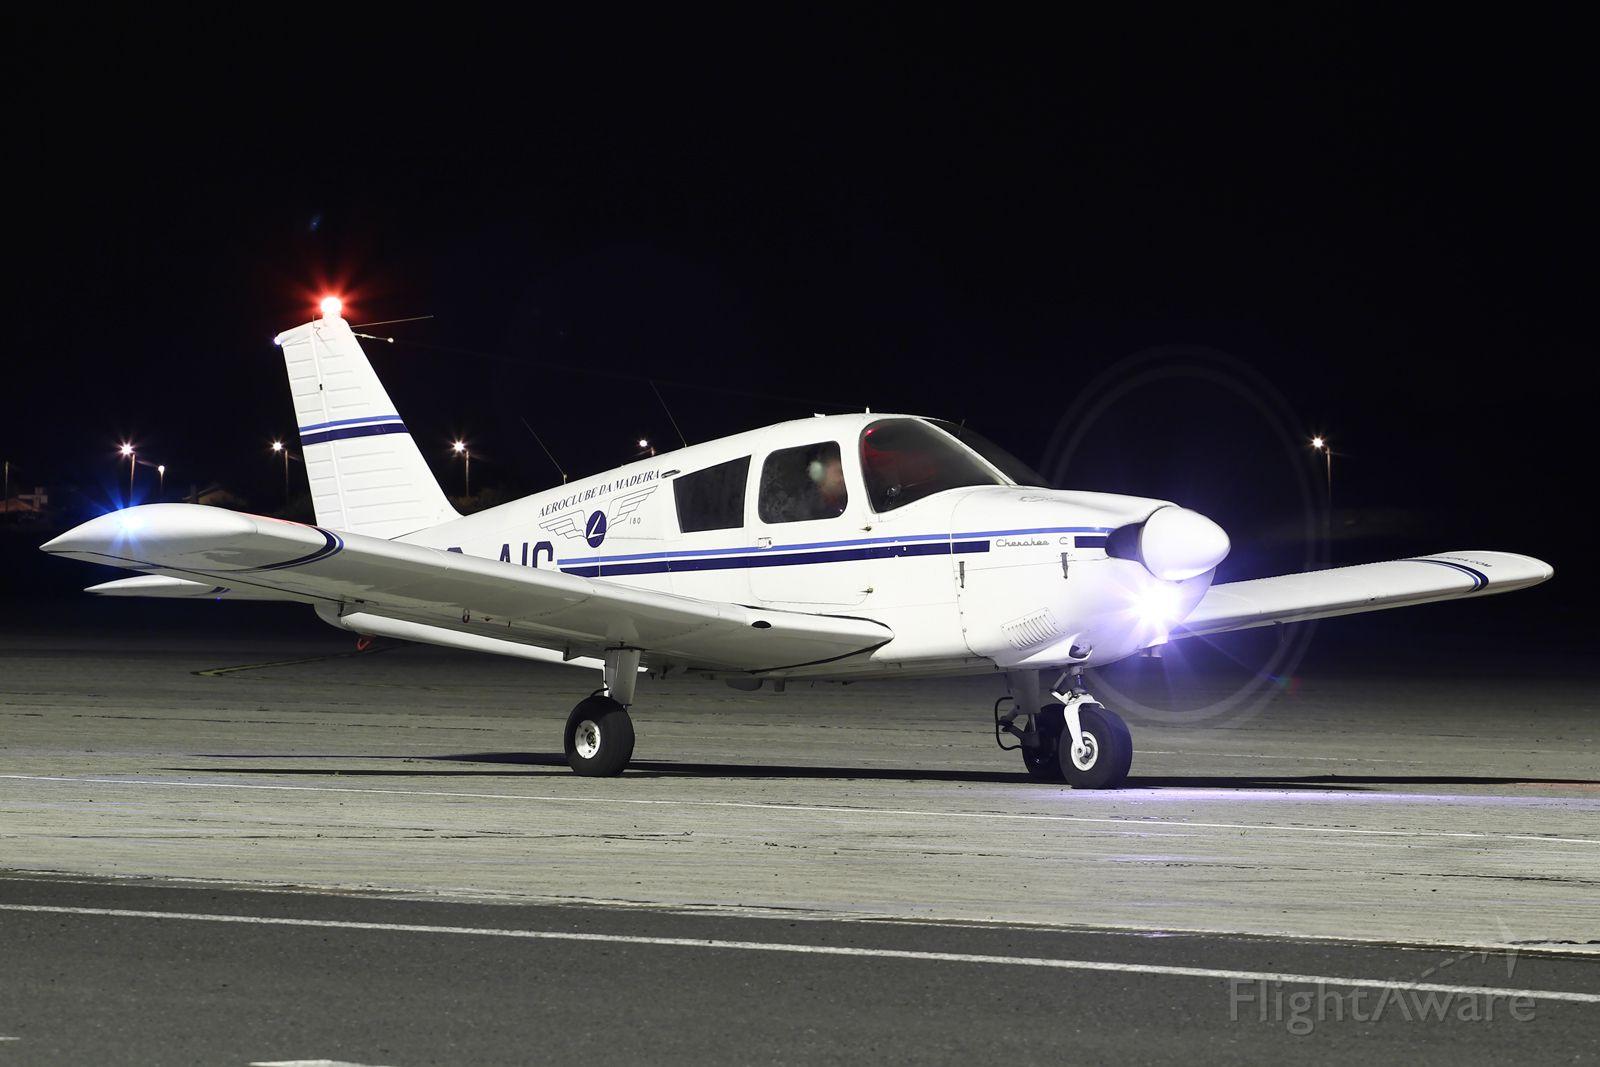 Piper Cherokee (CS-AIC)